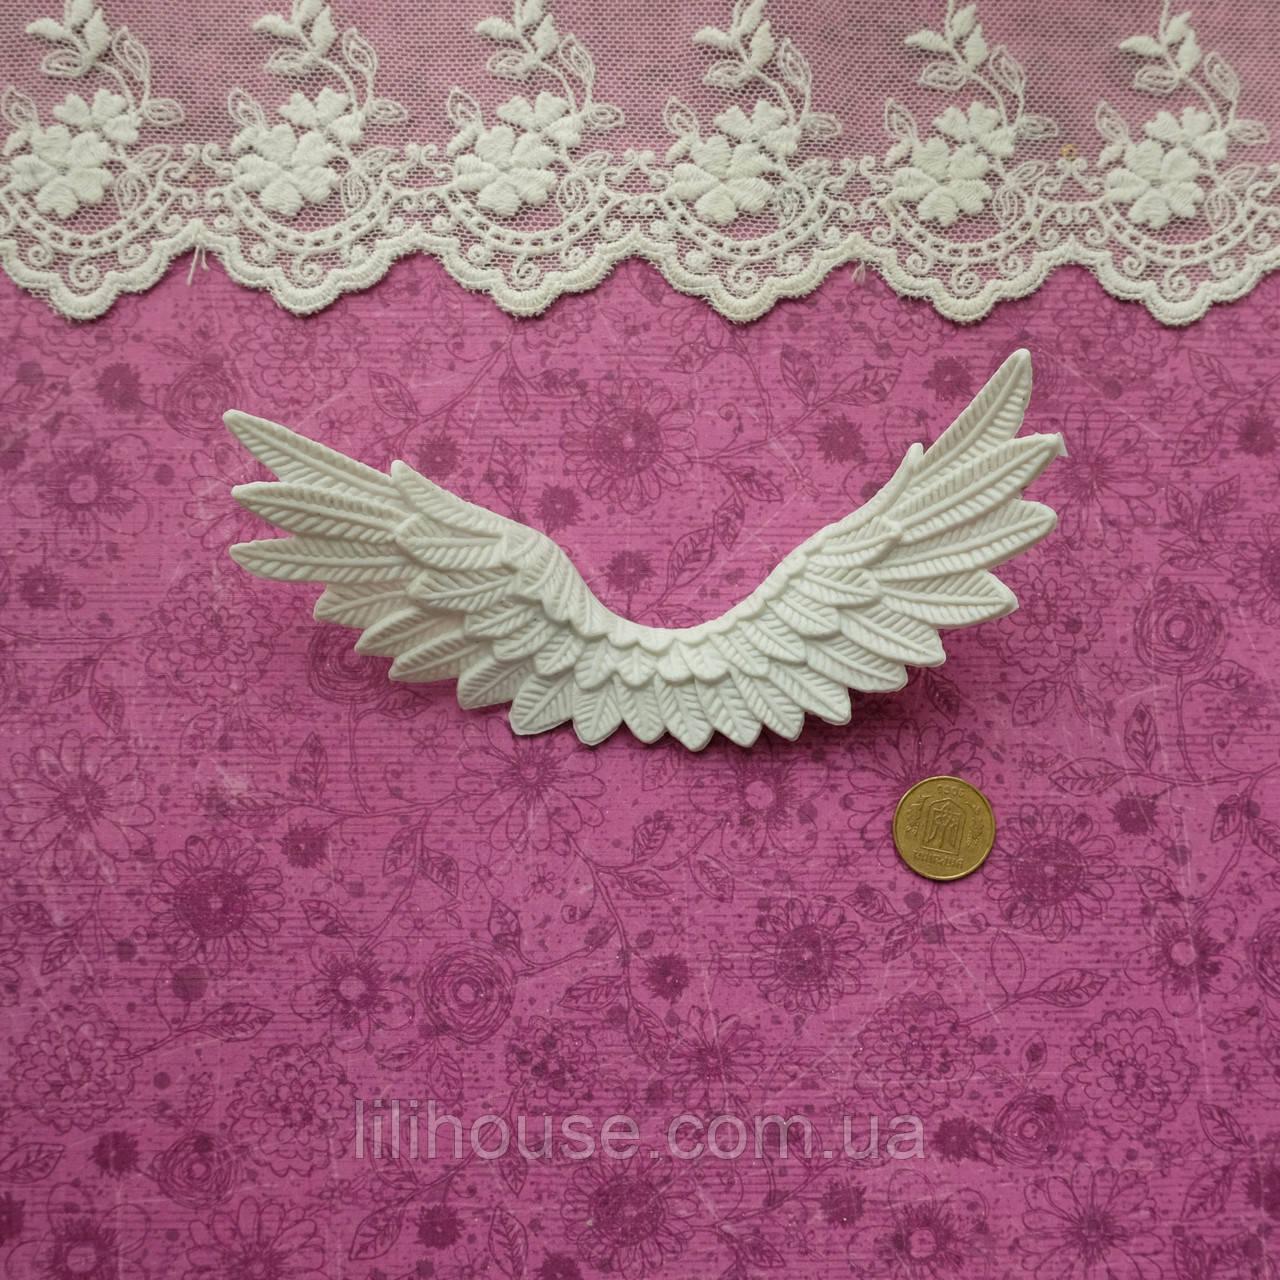 Крылья светло-серые, 11*4.5 см